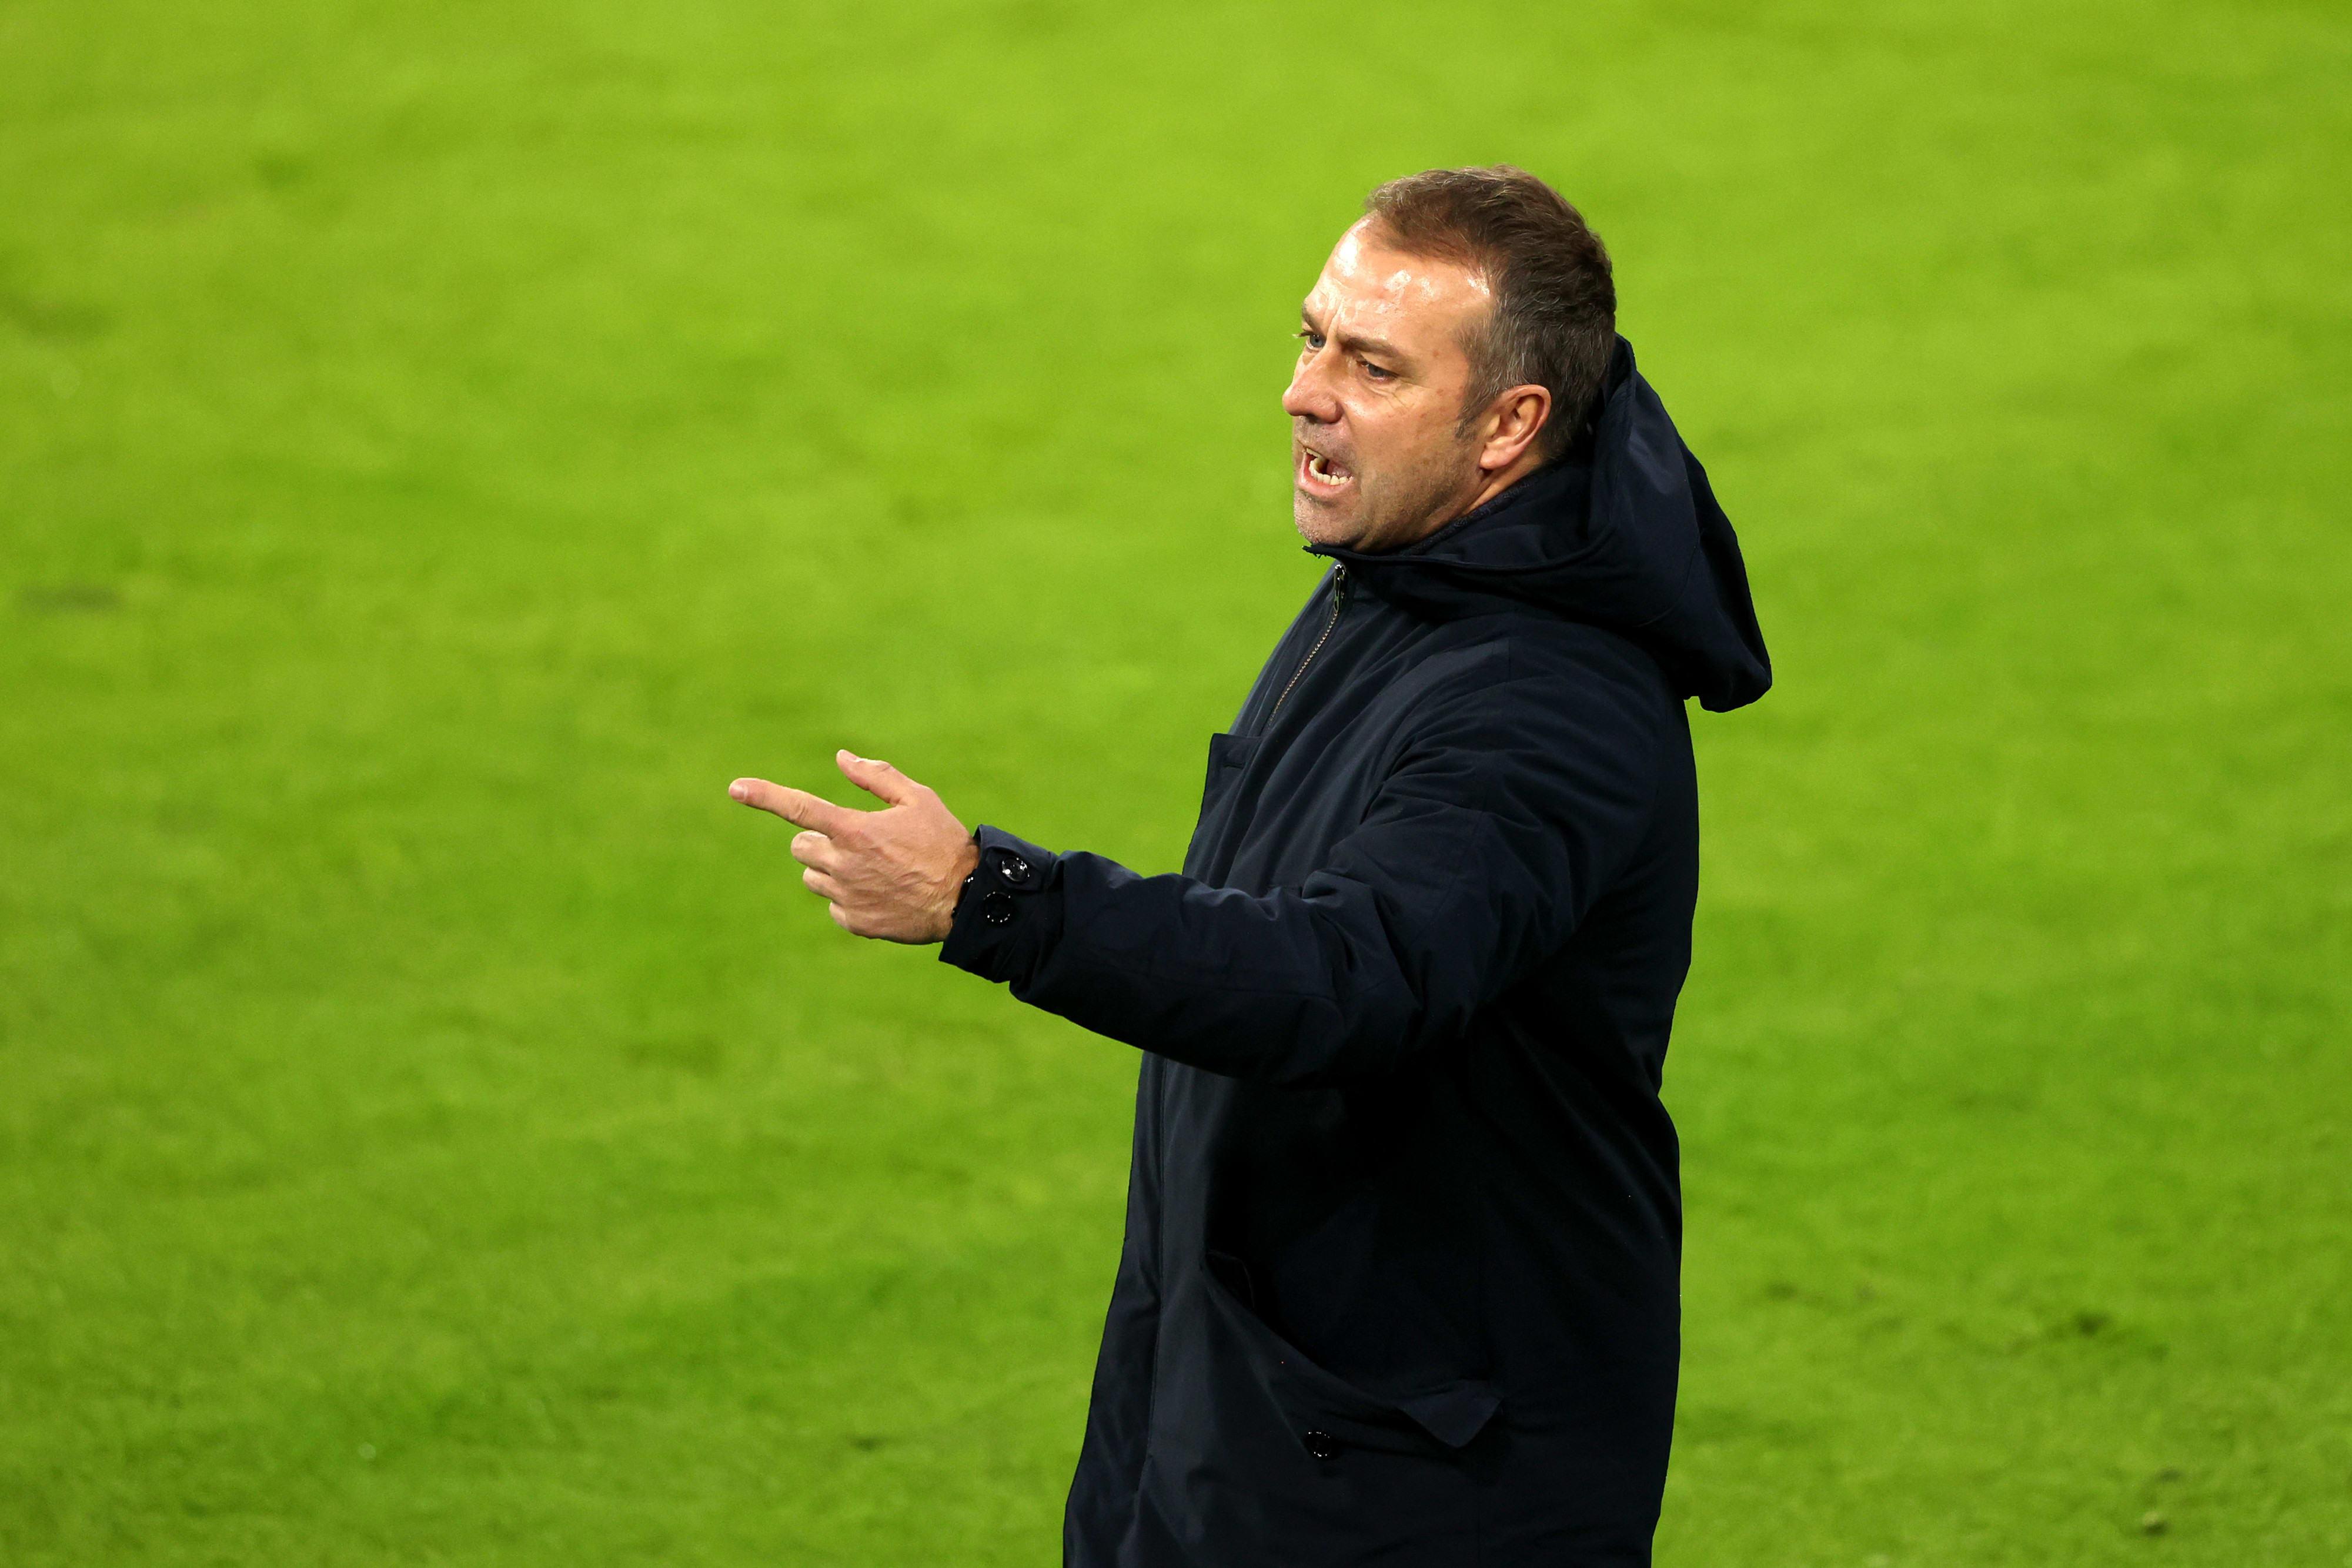 האנזי פליק מאמן באיירן מינכן